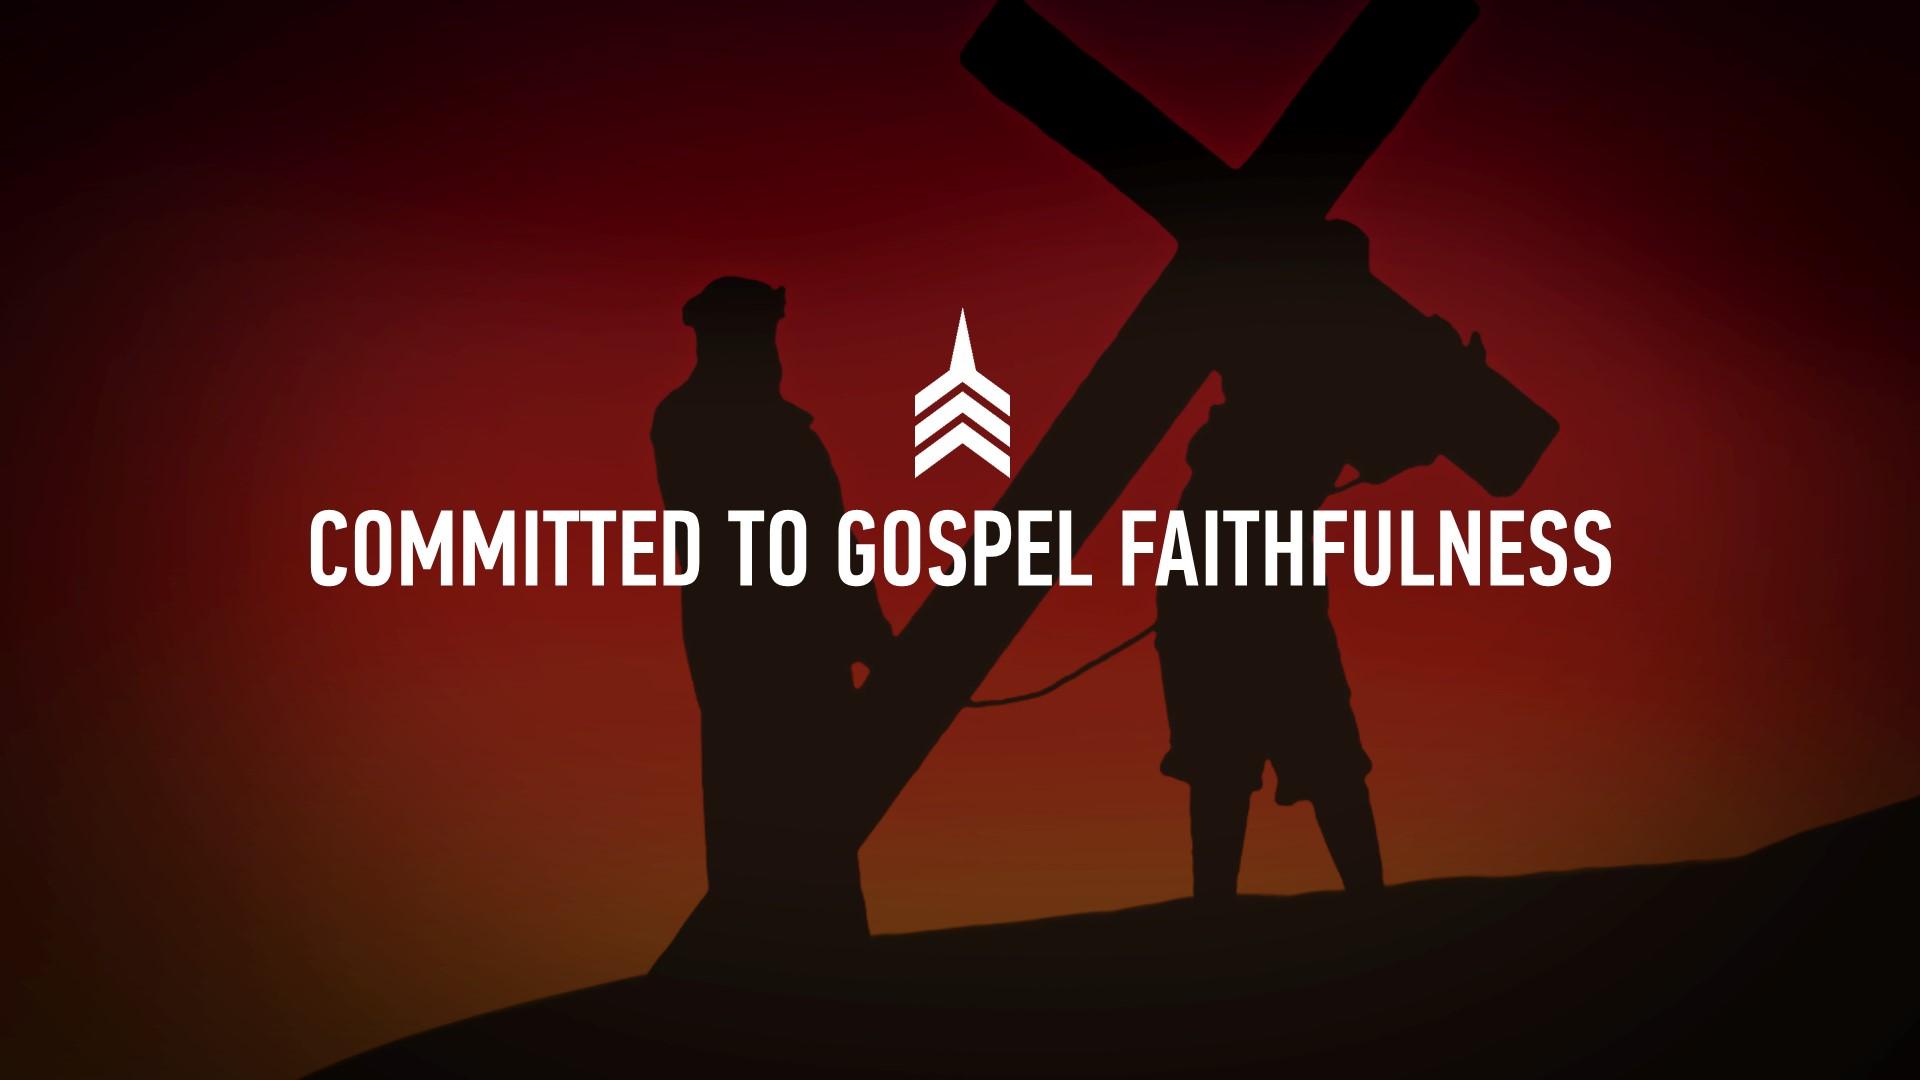 20190331 COMMITTED TO GOSPEL FAITHFULNESS.JPG